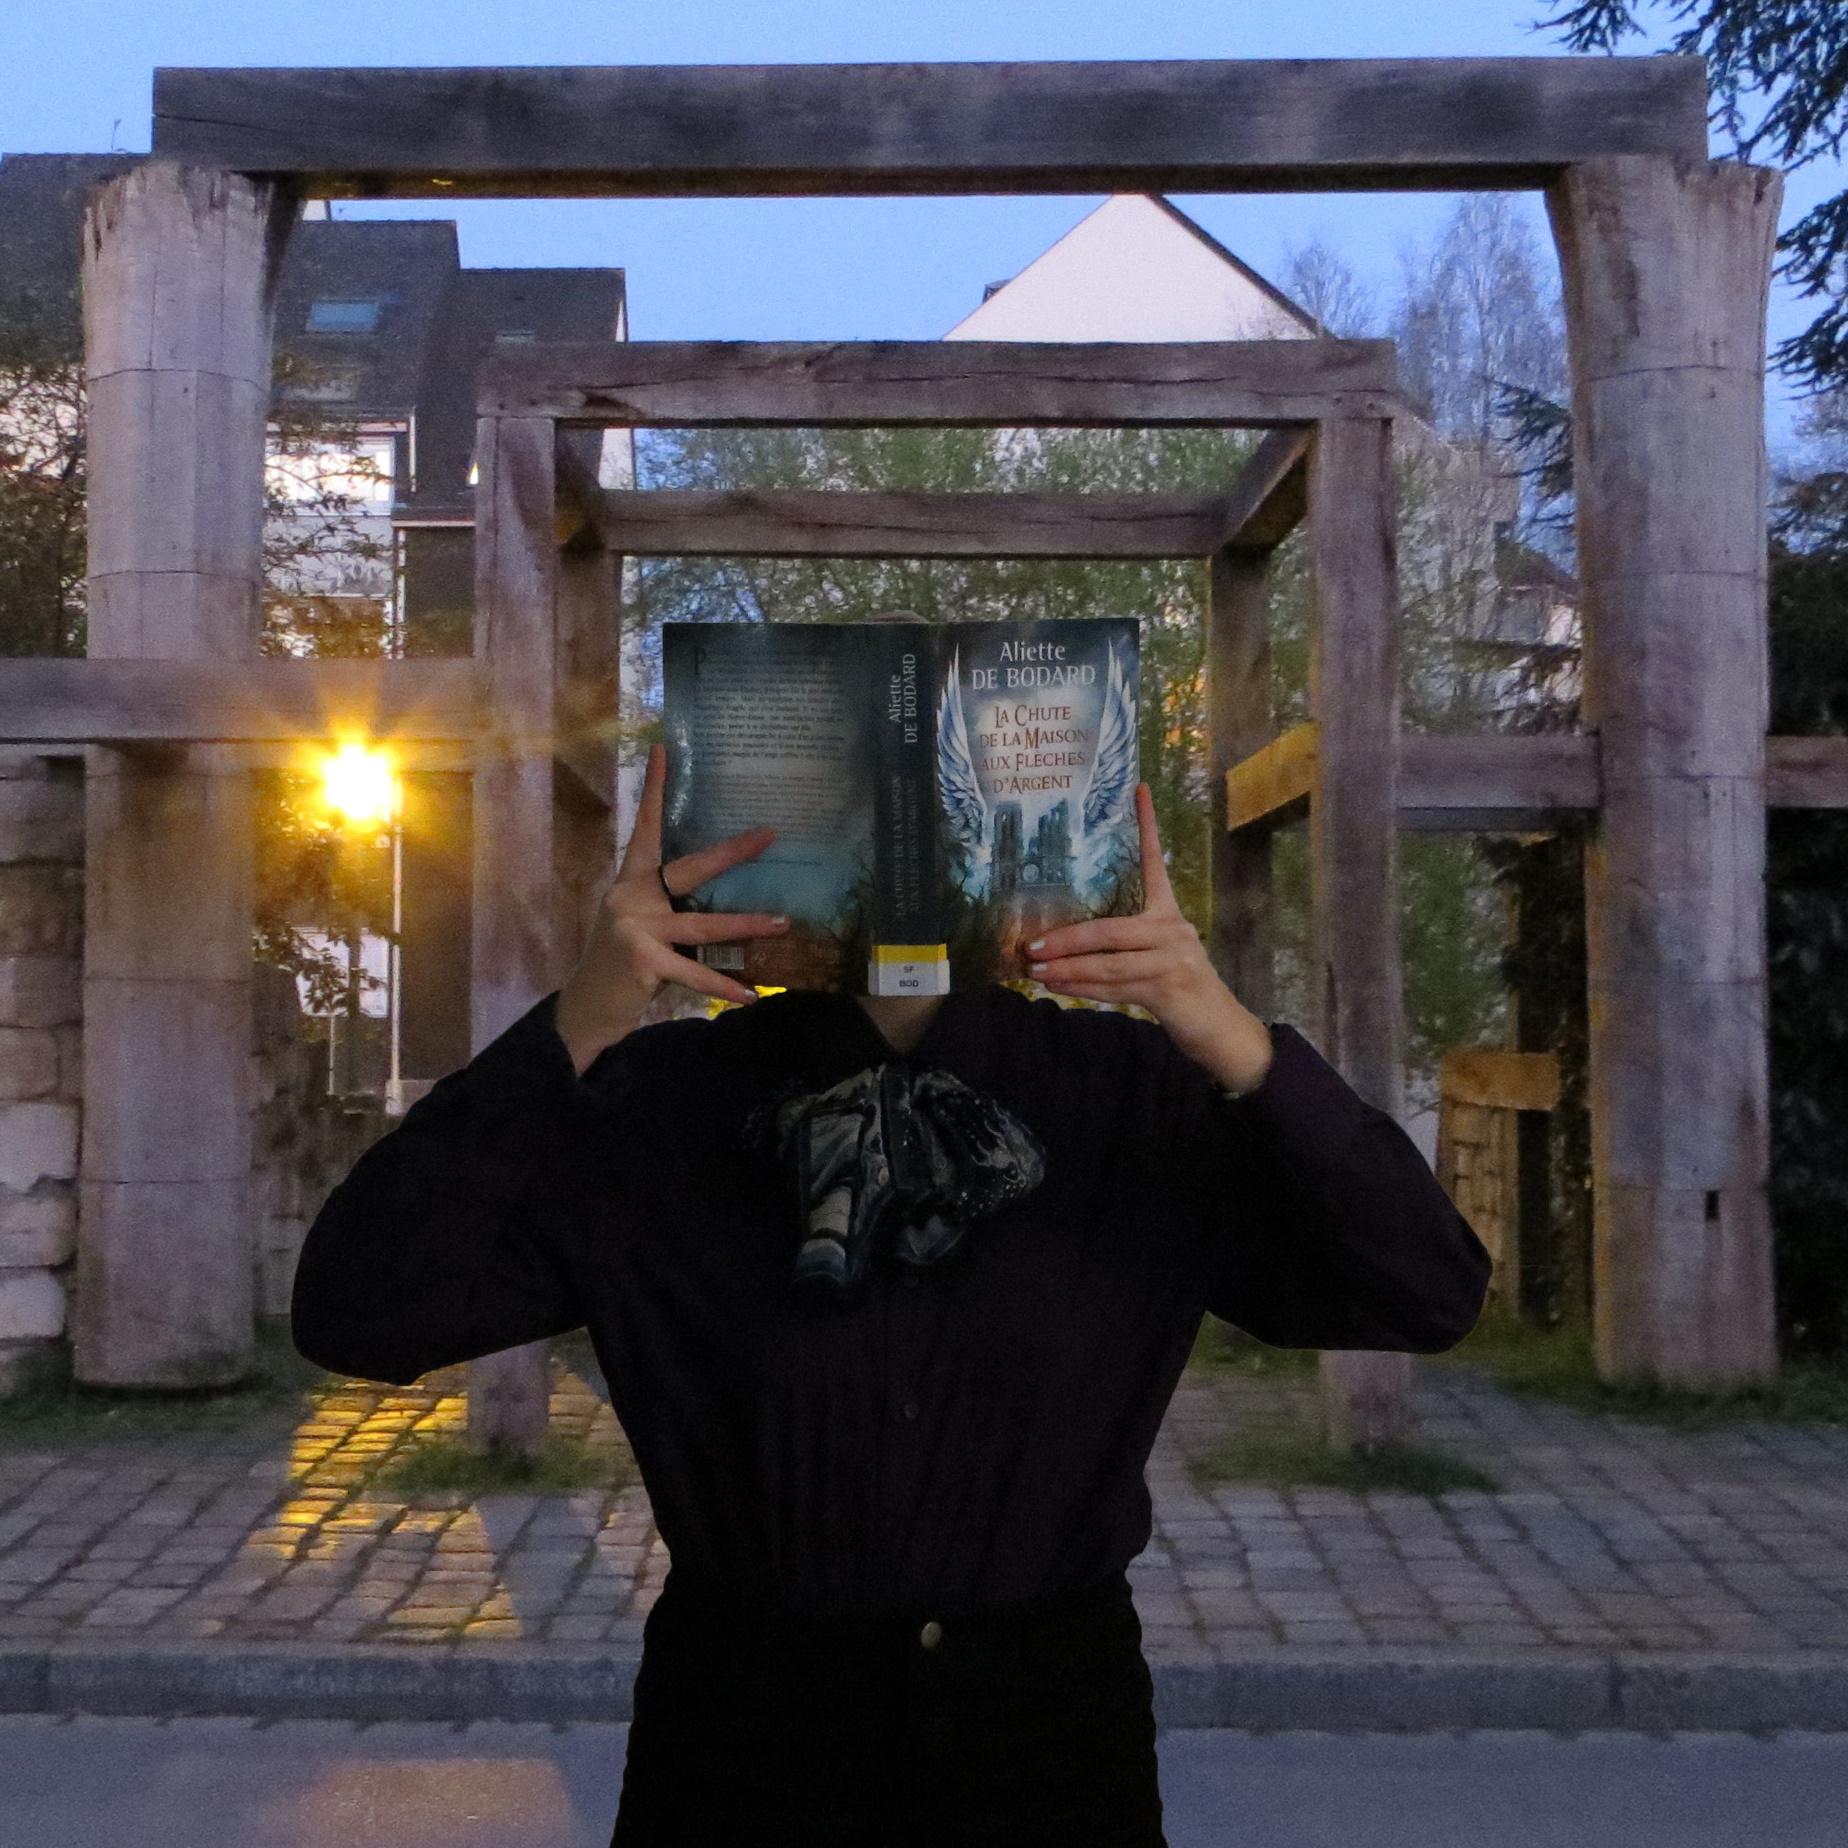 personne en tenue chic lisant La Chute de la Maison aux Flèches d'Argent devant une structure de bois